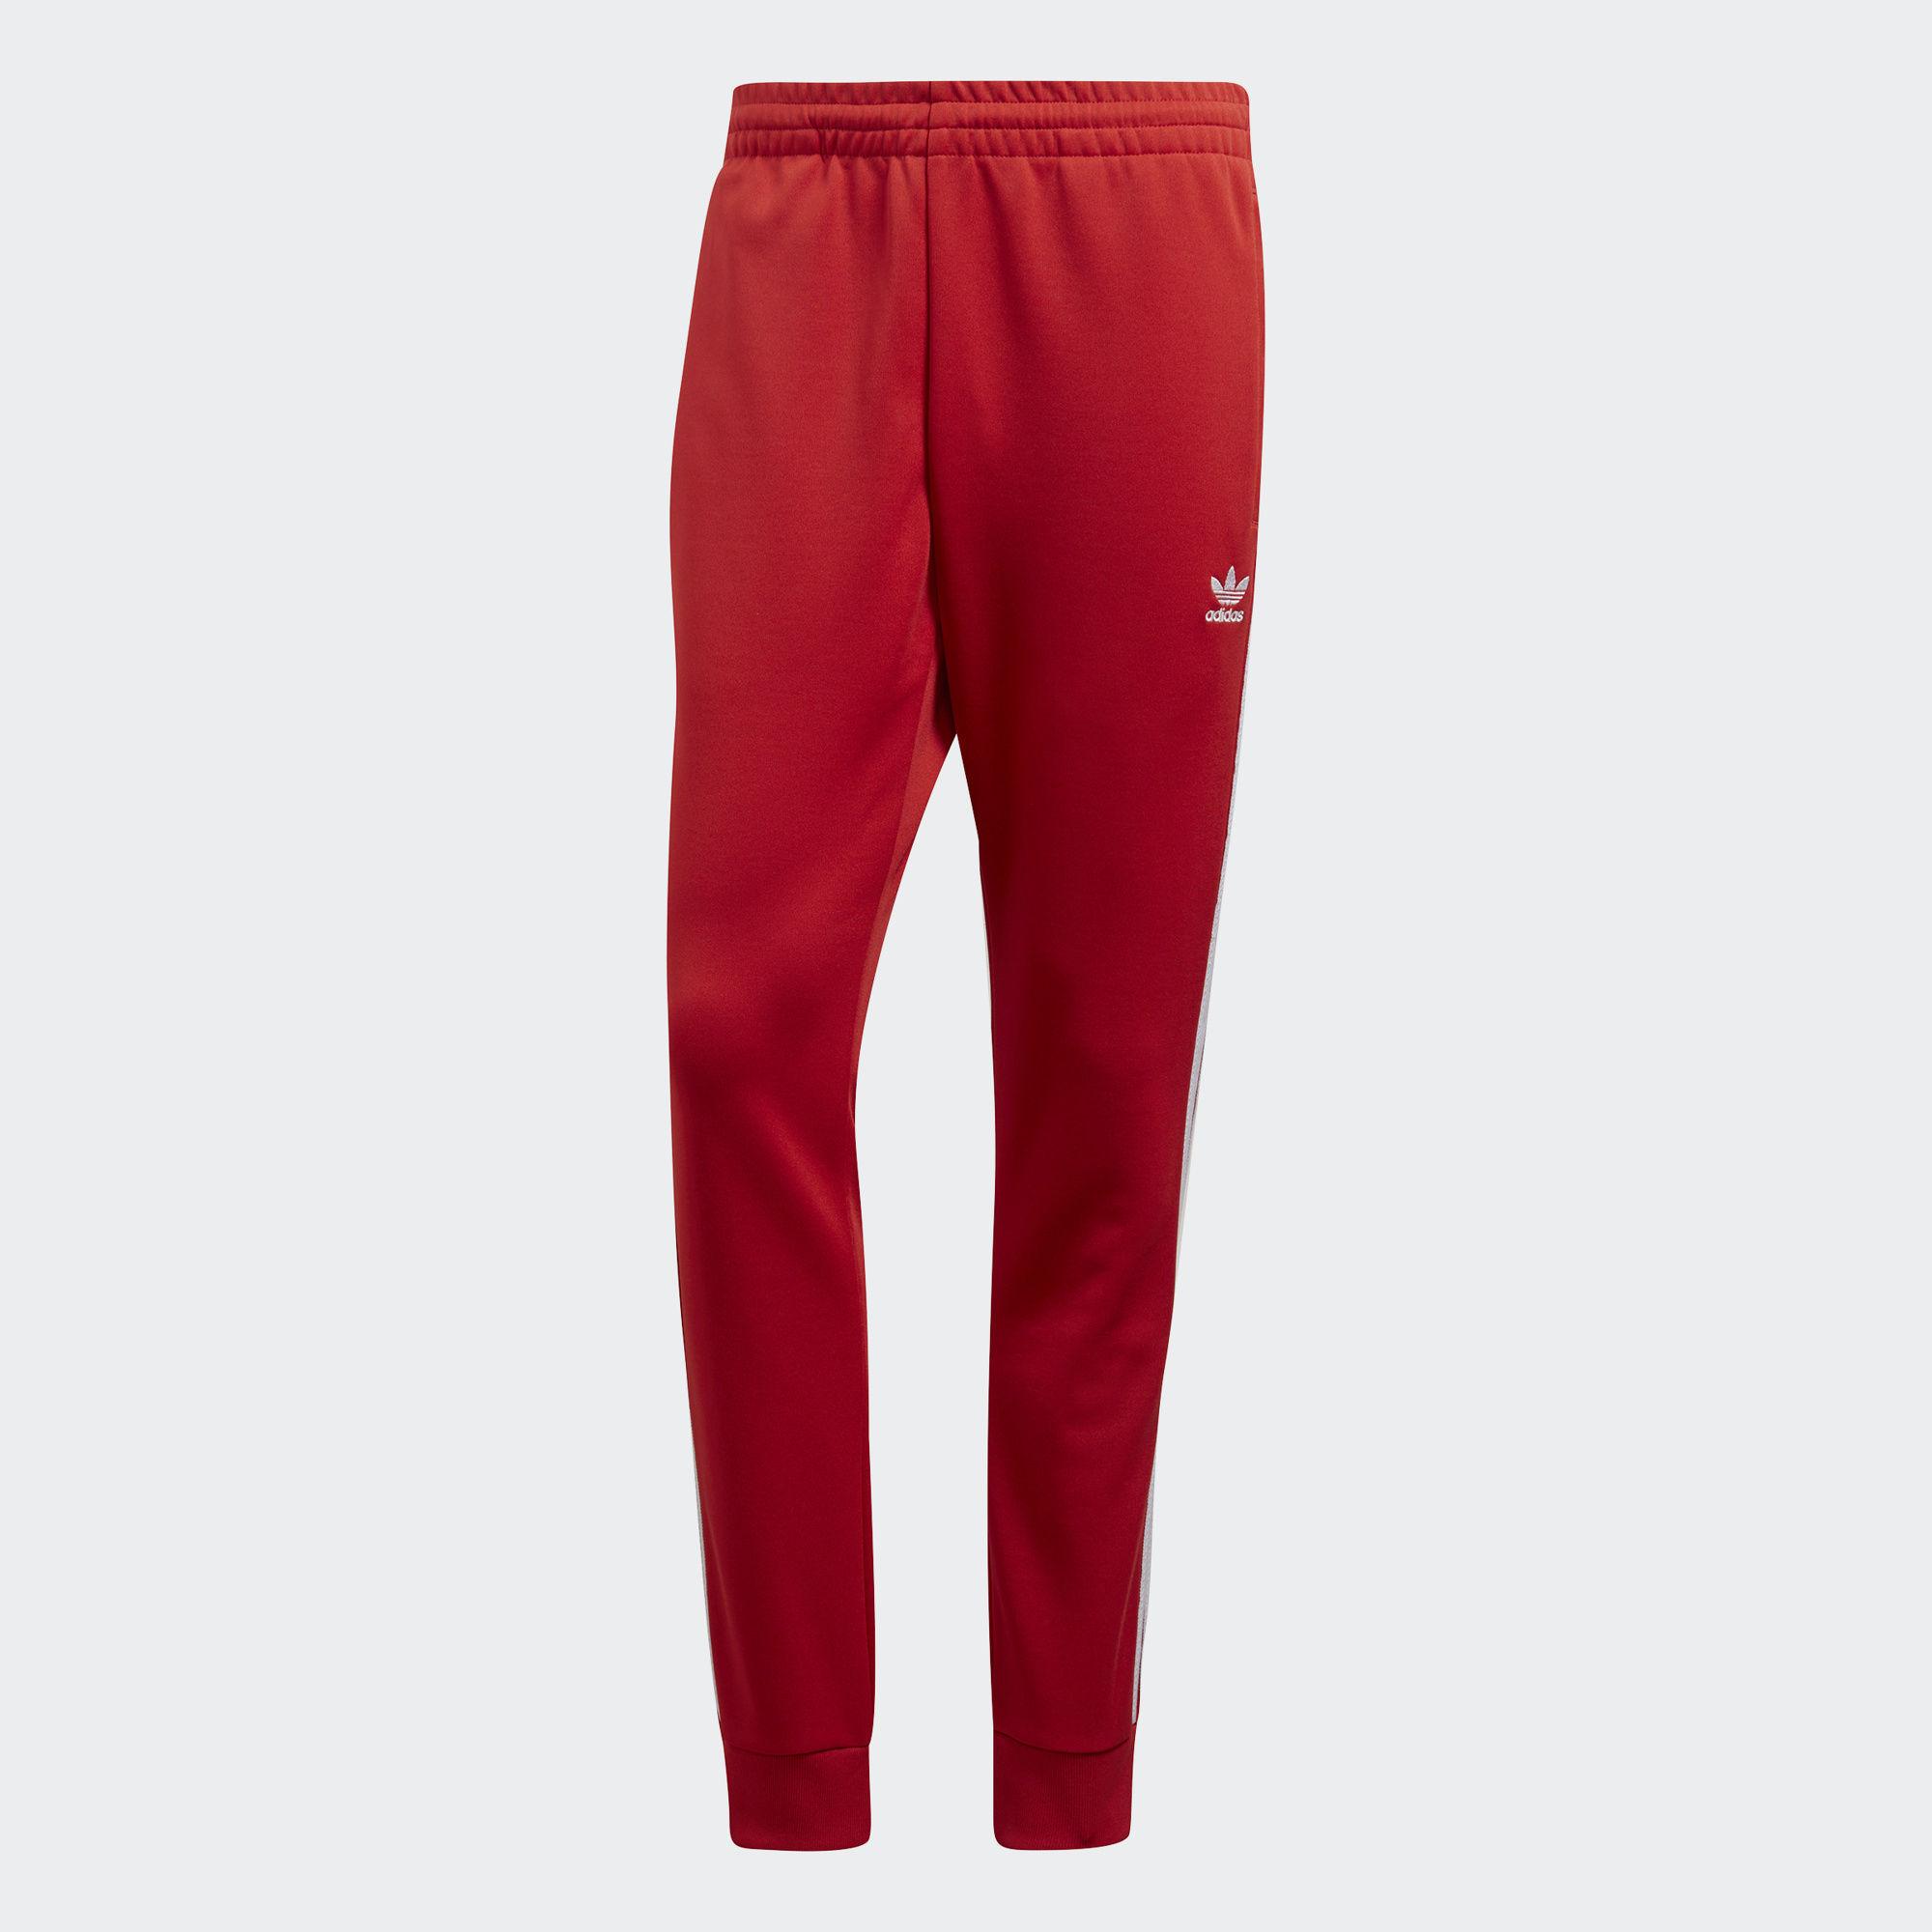 Брюки спортивные мужские adidas Sst Tp, цвет: красный. CW1276. Размер XL (56/58) брюки спортивные мужские adidas windfleece p цвет синий ai9330 размер 46